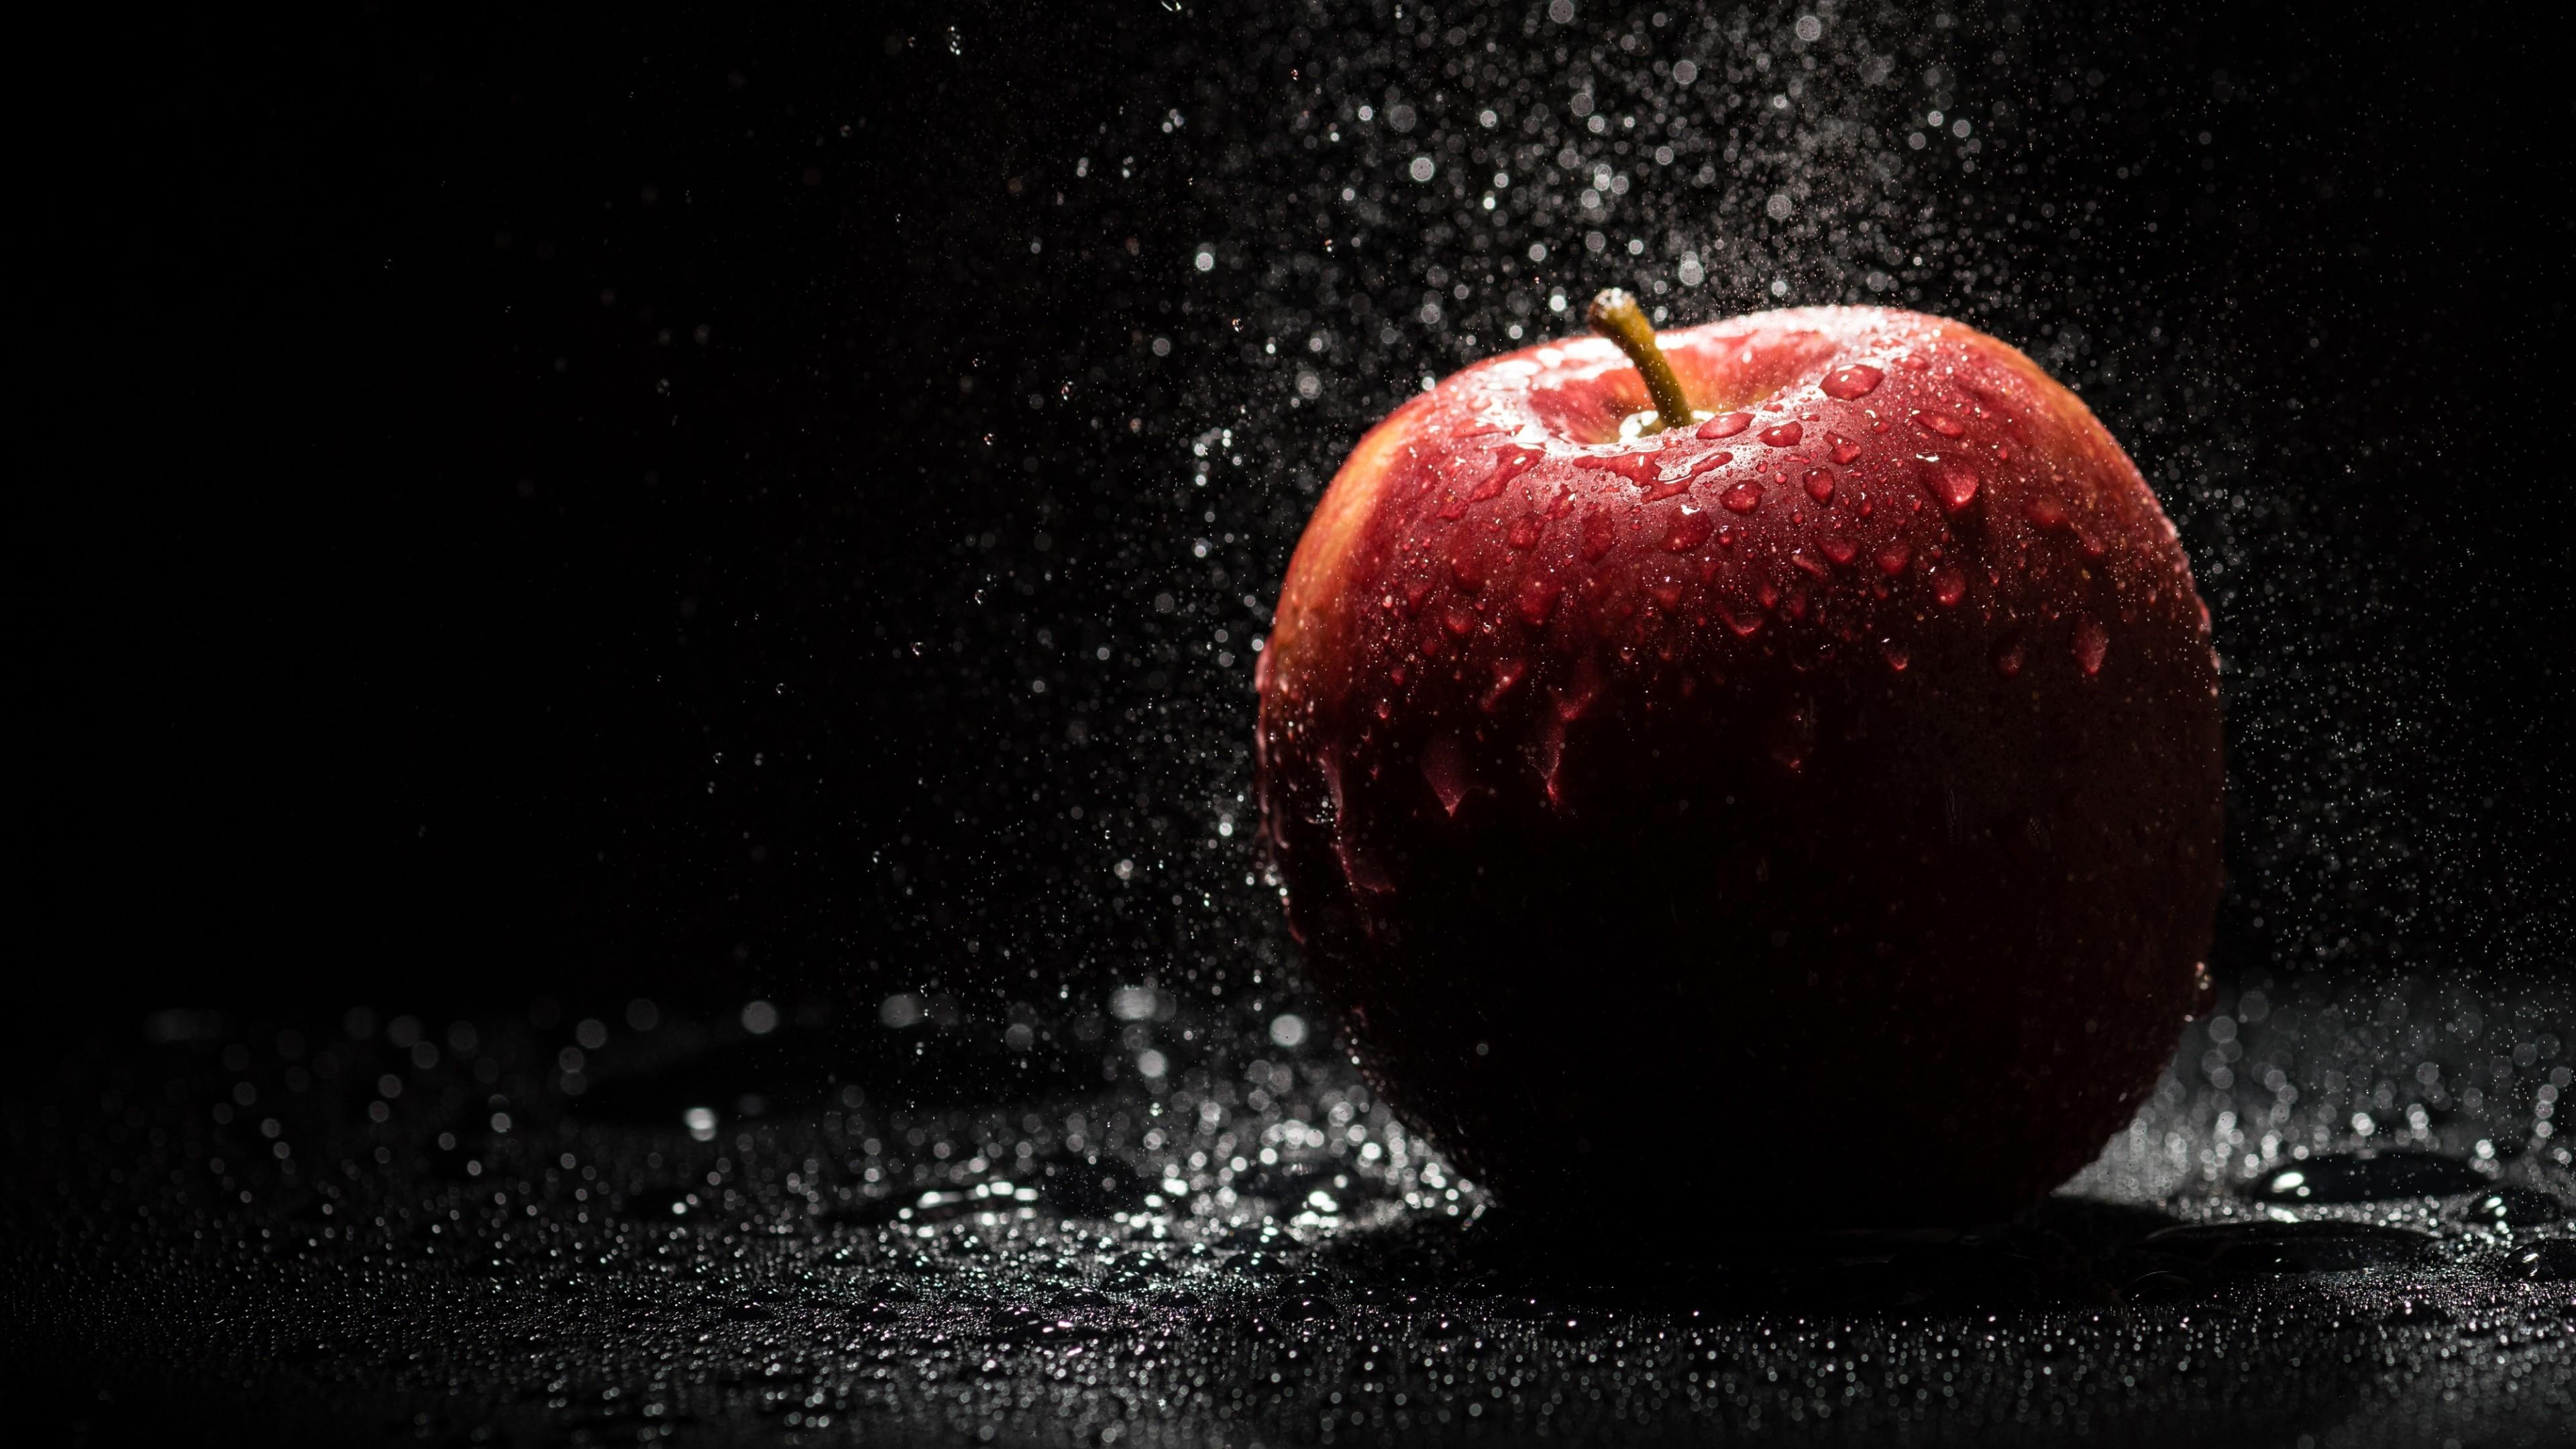 Красное яблоко на земле в каплях дождя